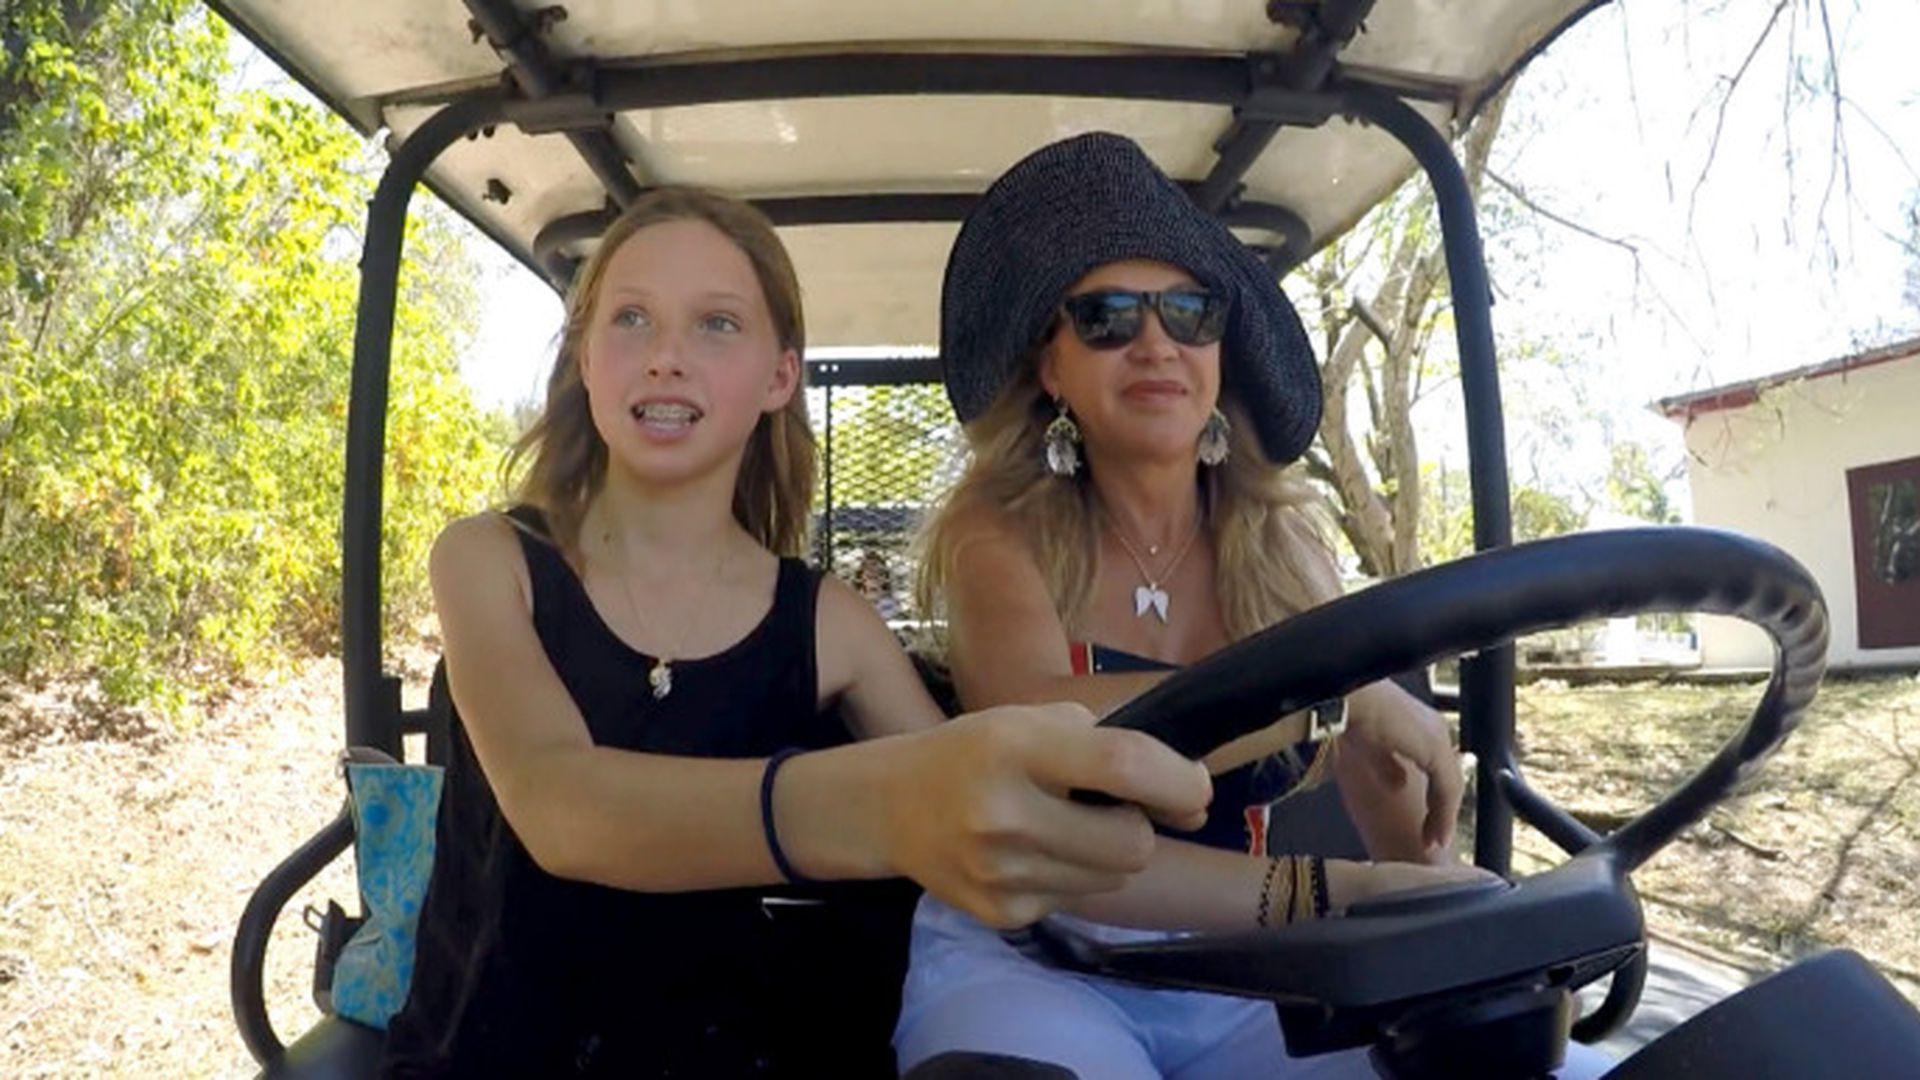 Führerschein mit 14: Geissen-Töchter dürfen bald Auto